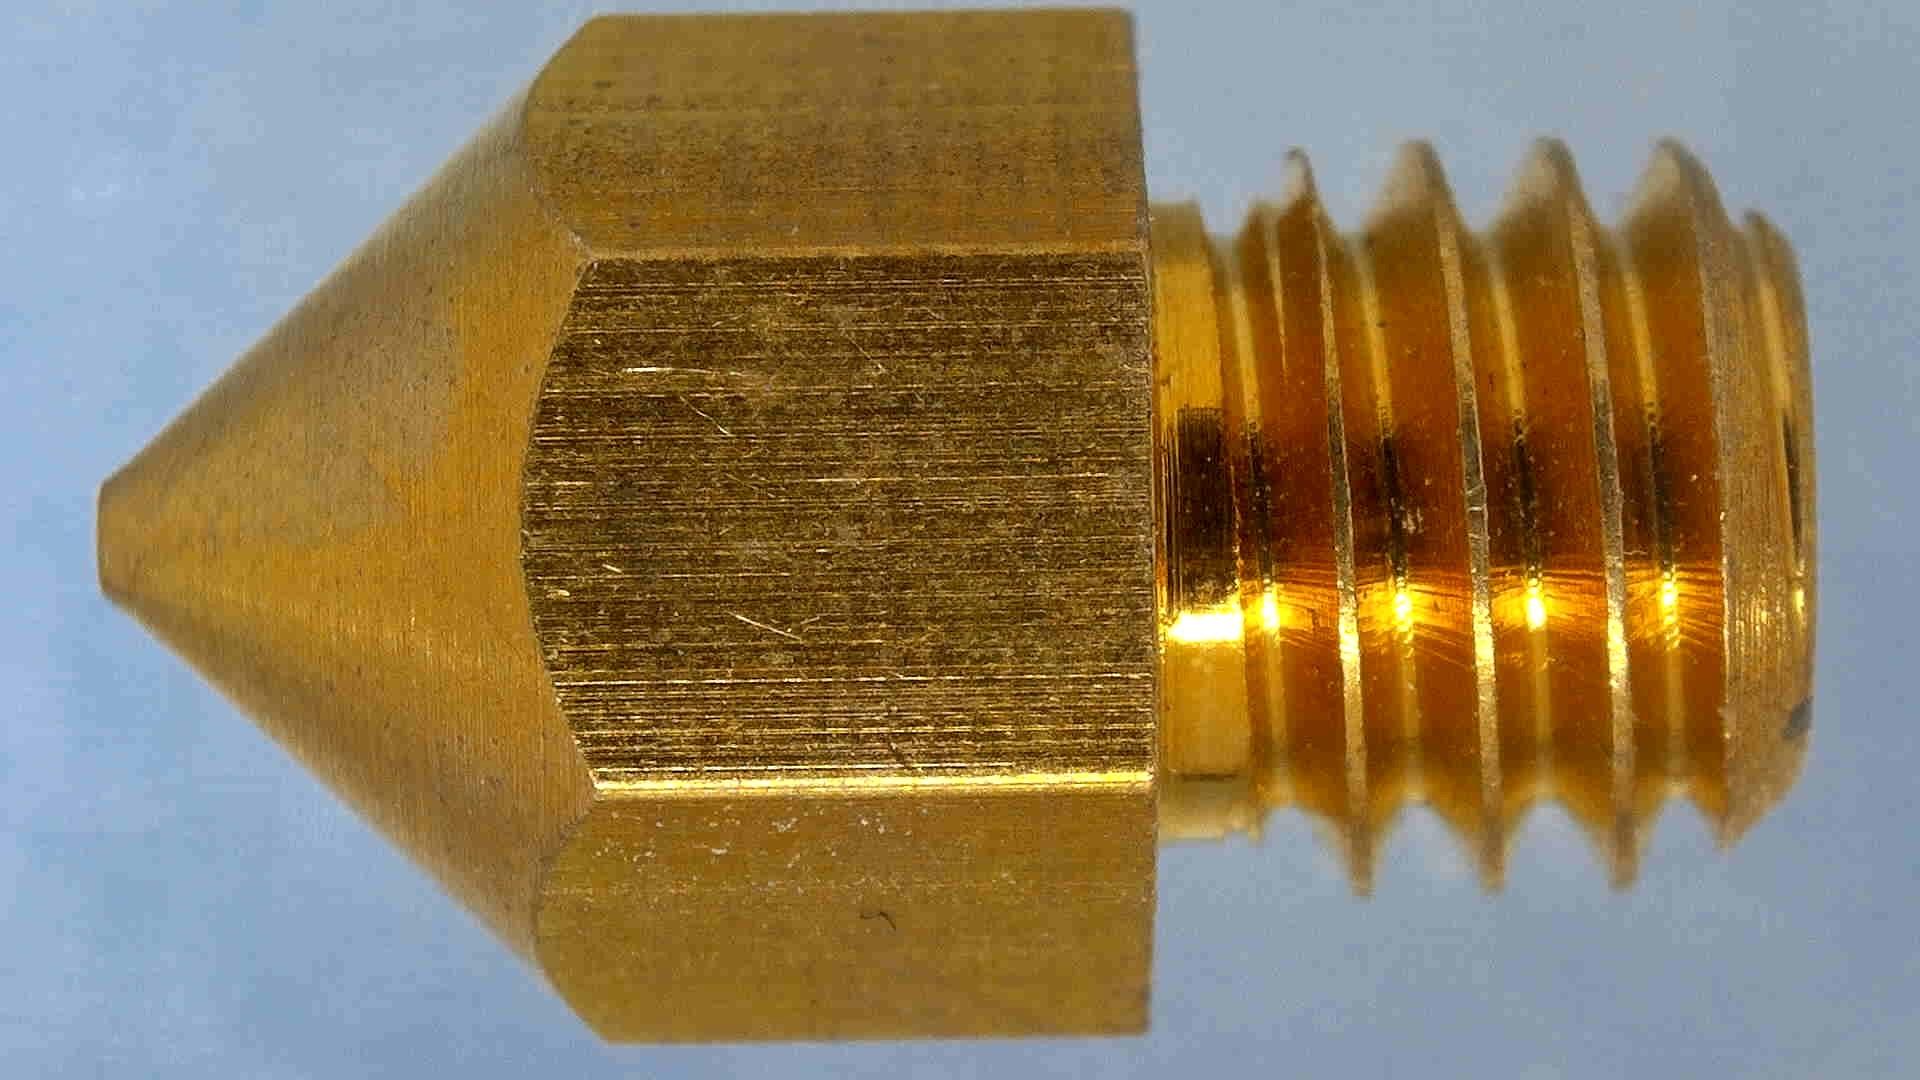 Mingda-D3-Pro-.4-mm-nozzle-3